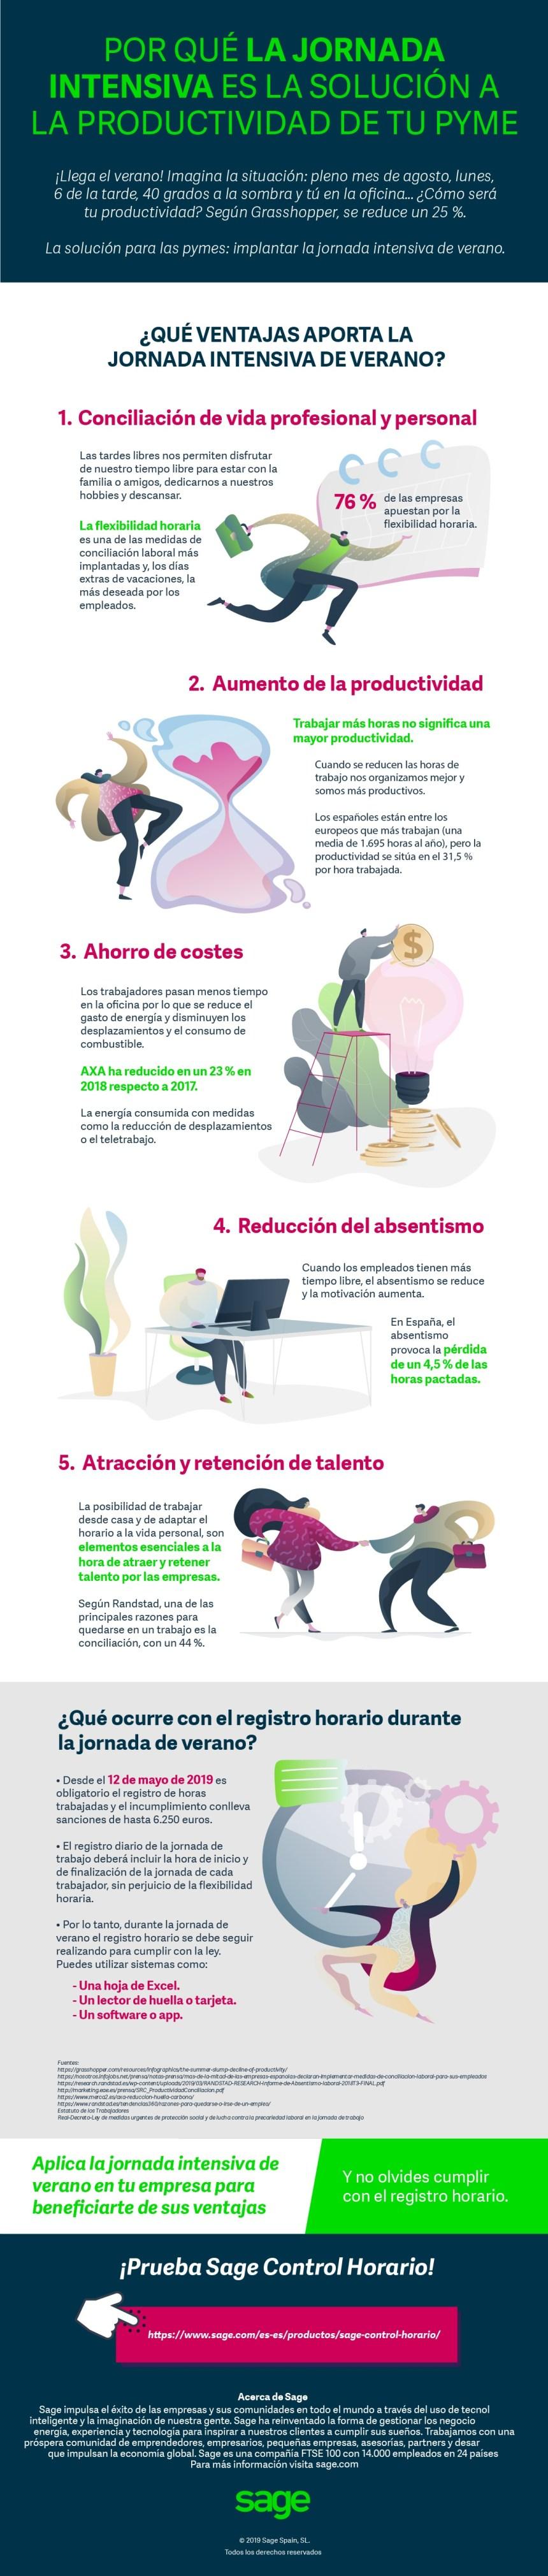 5 ventajas de la jornada intensiva de verano